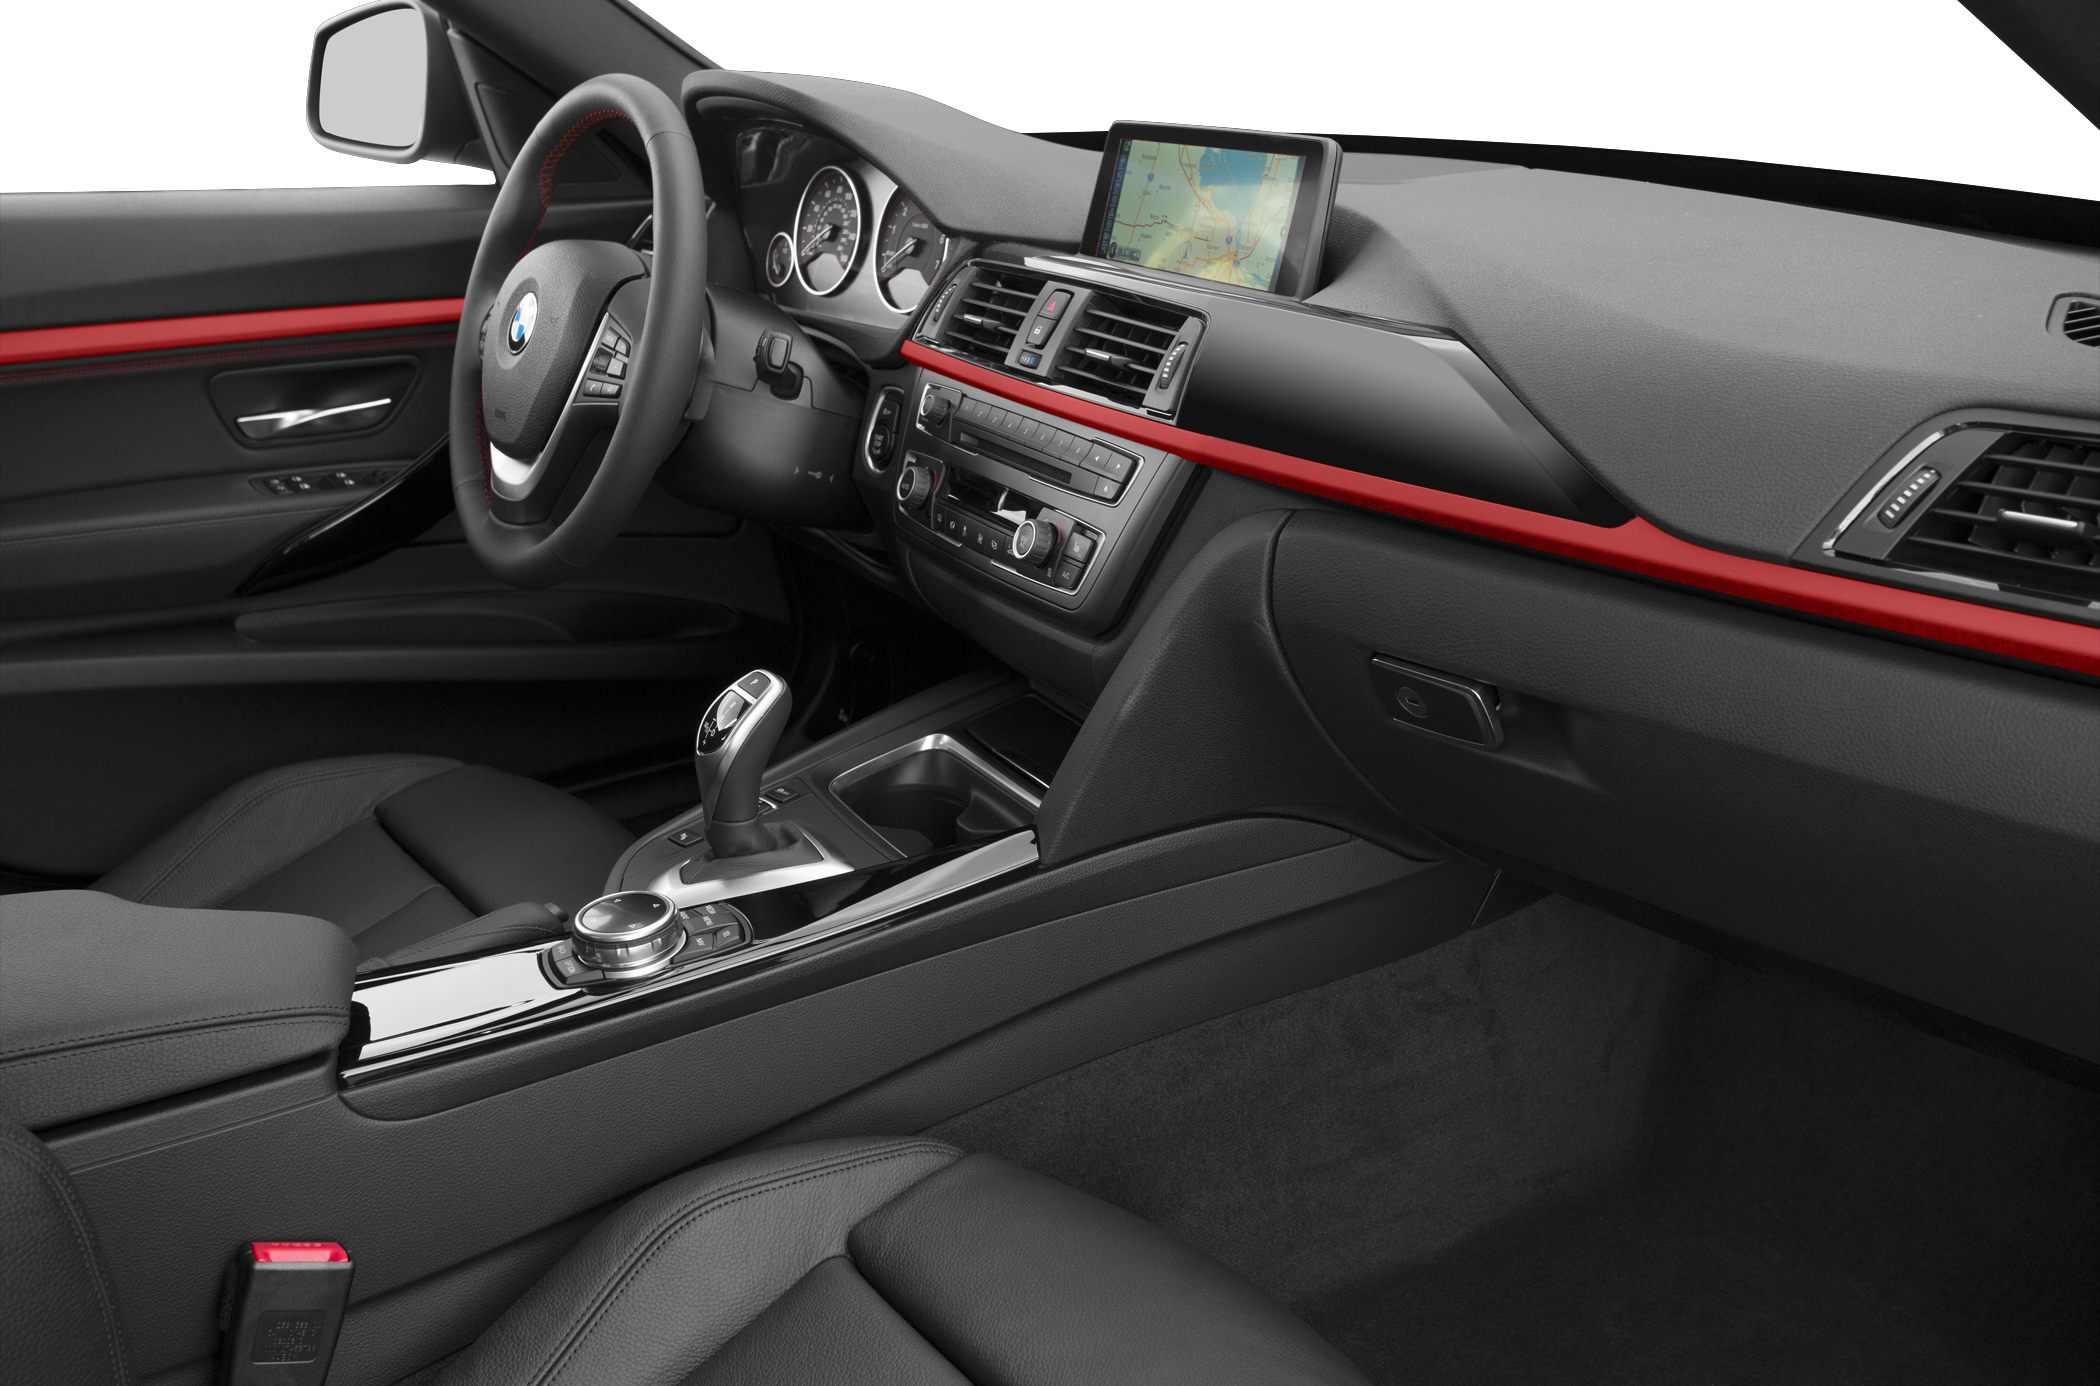 2014 BMW 335i Gran Turismo Exterior